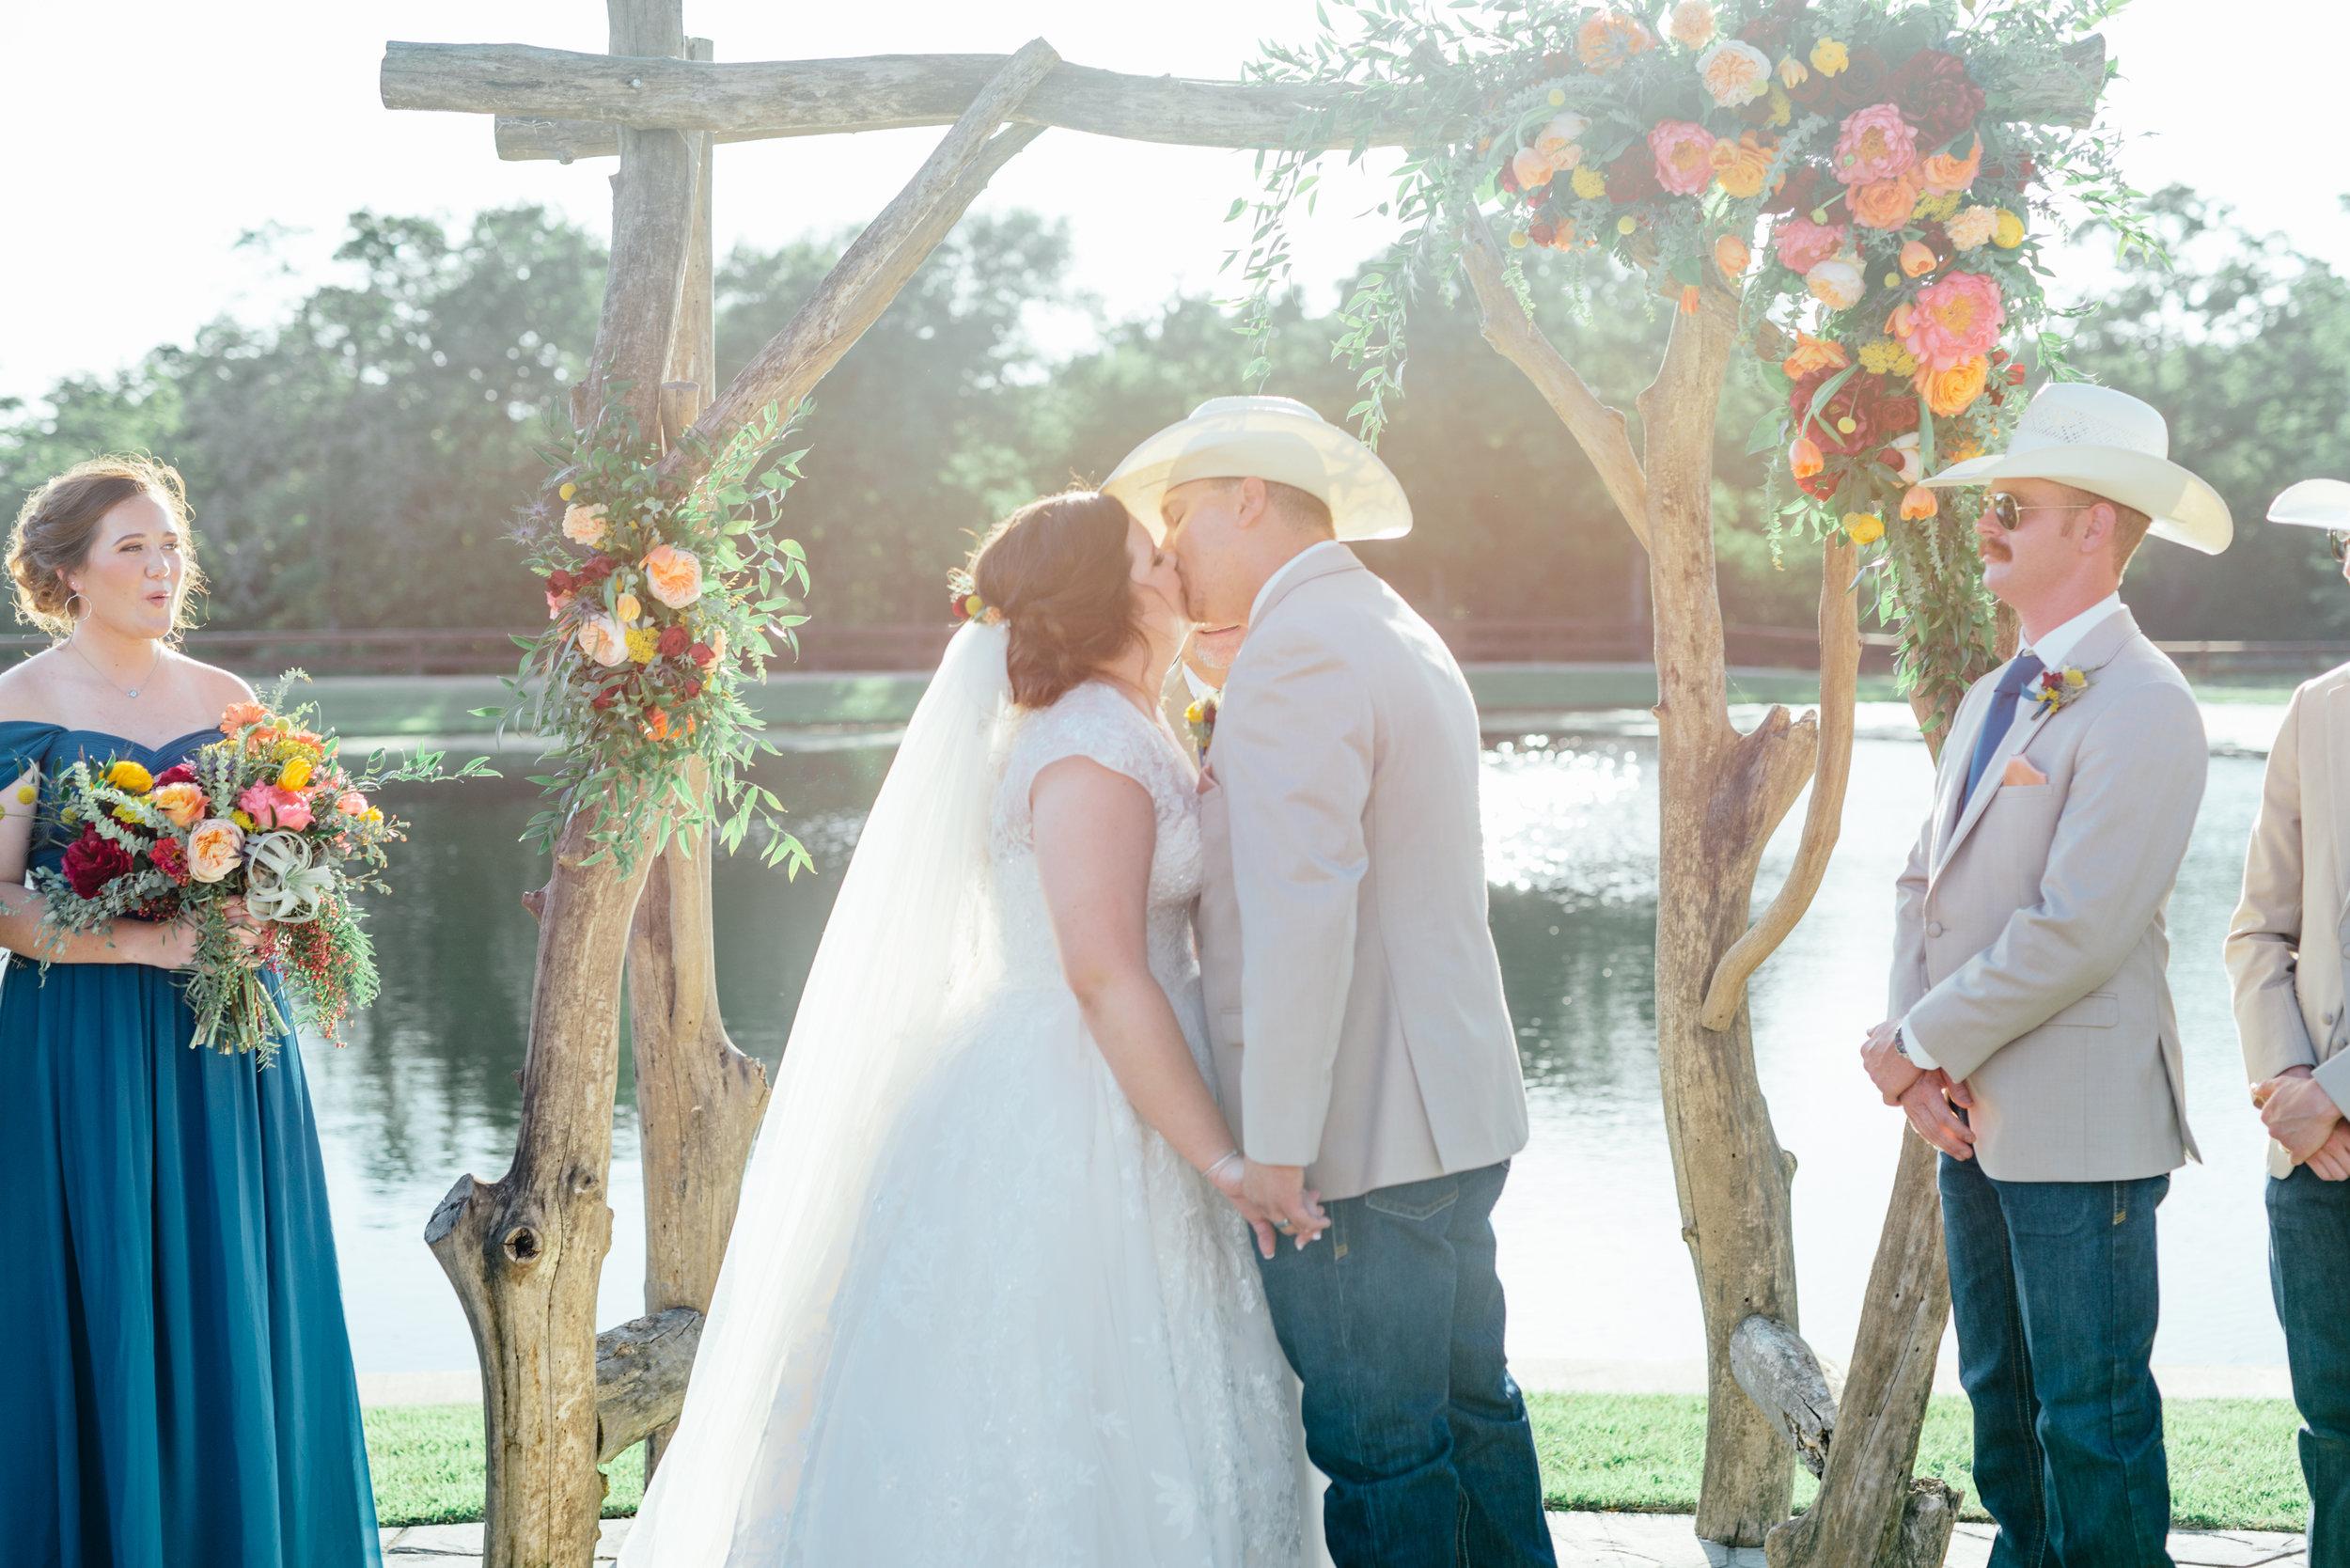 Wesley-Wedding-Ten23-Photography-575.jpg